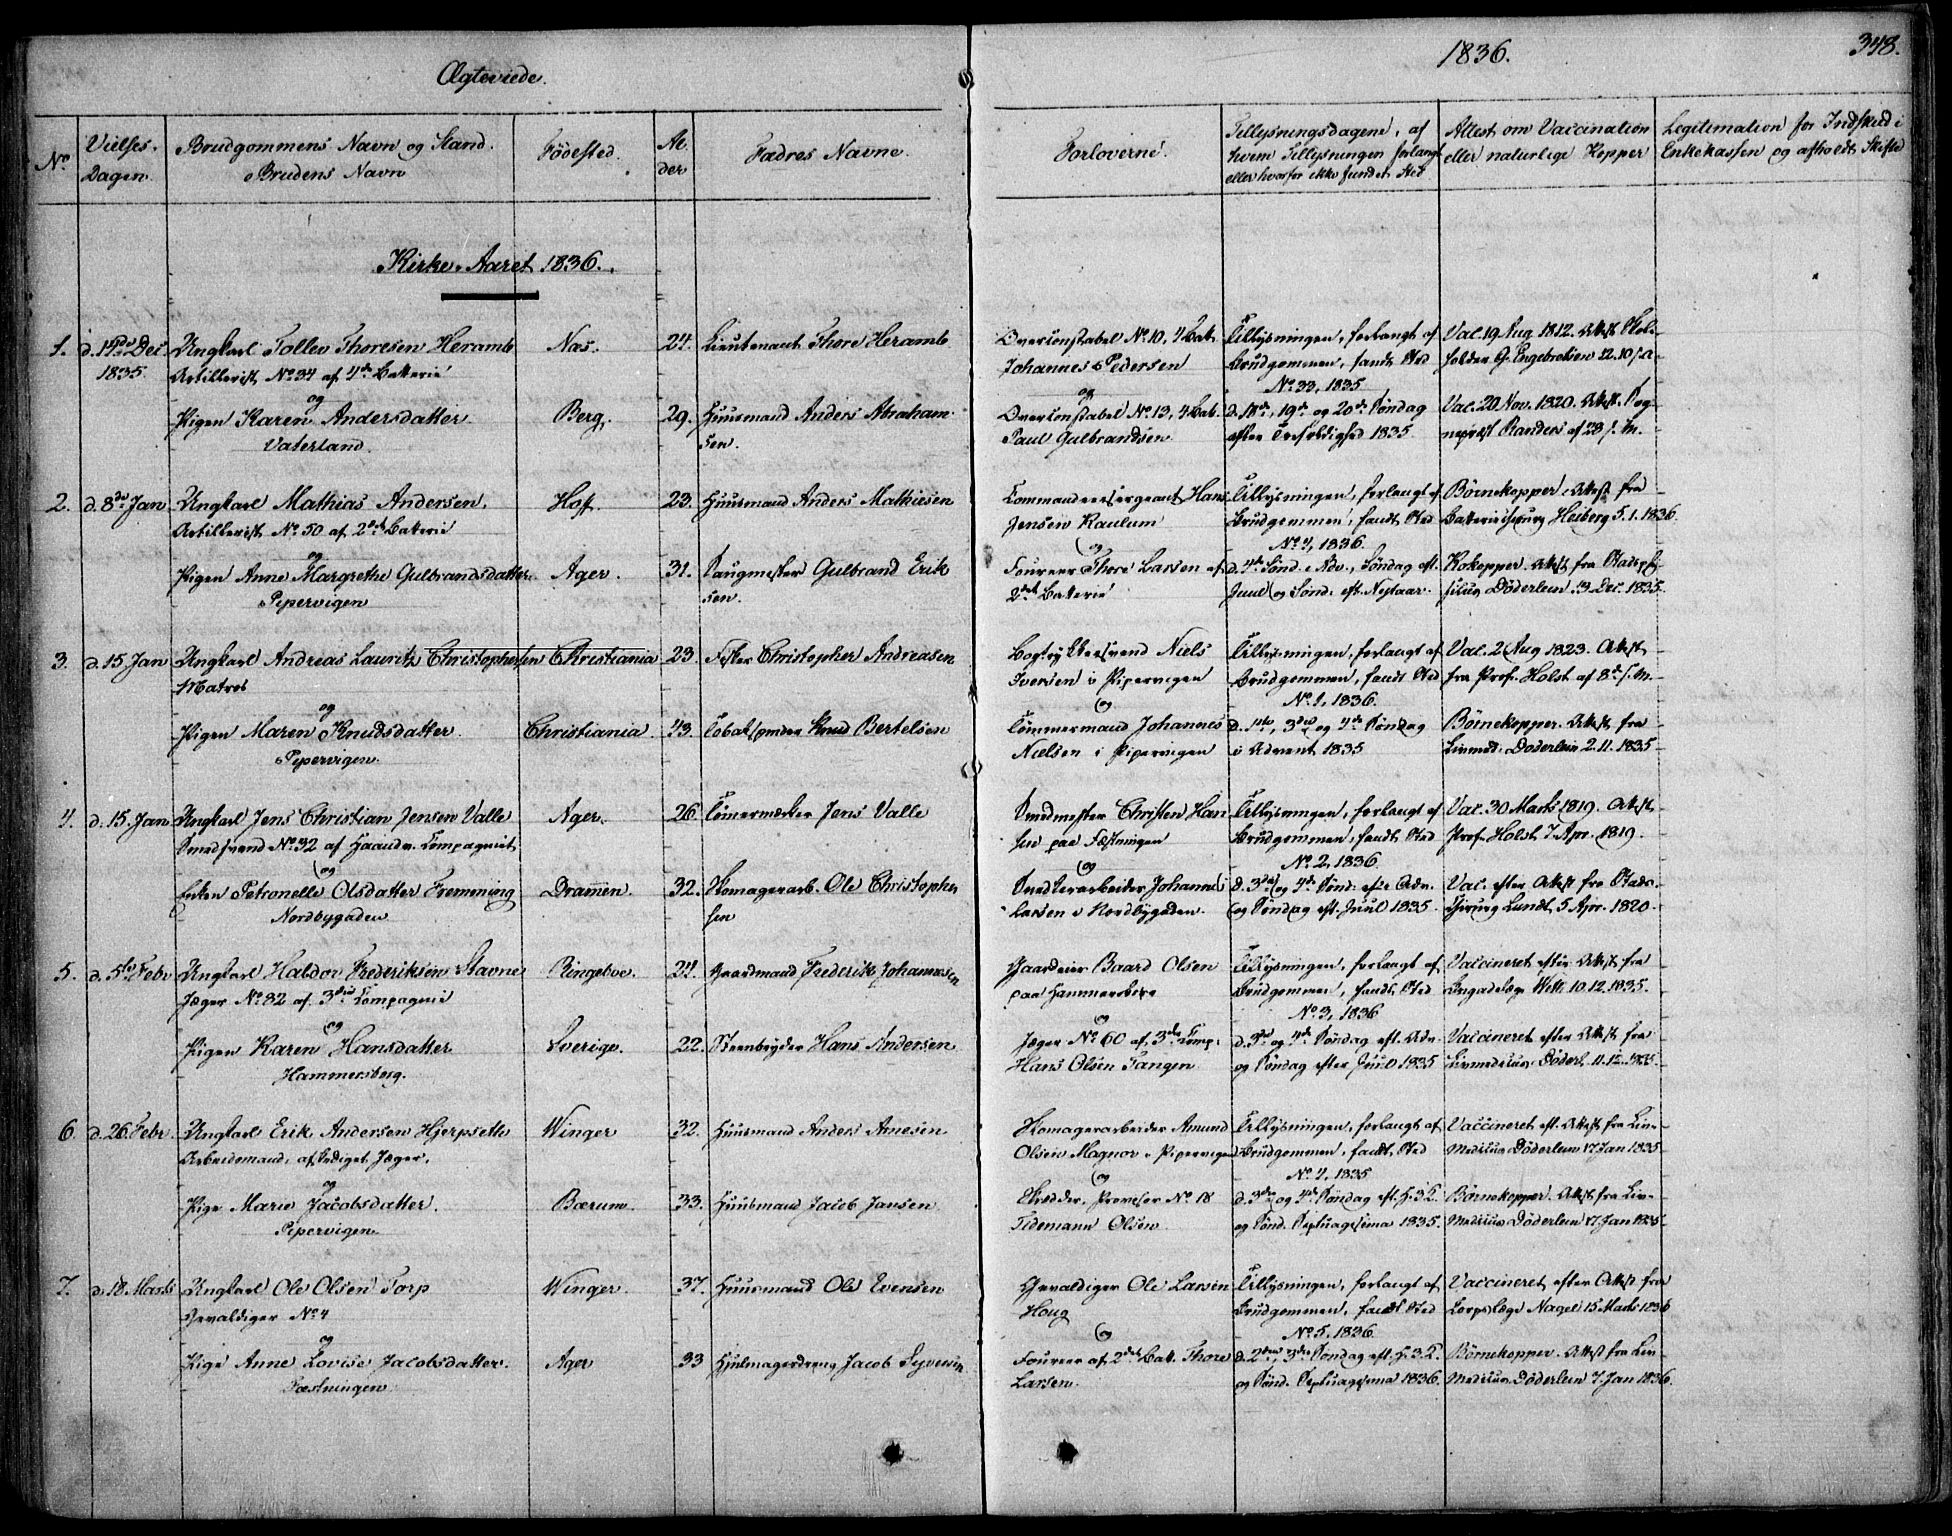 SAO, Garnisonsmenigheten Kirkebøker, F/Fa/L0006: Ministerialbok nr. 6, 1828-1841, s. 348